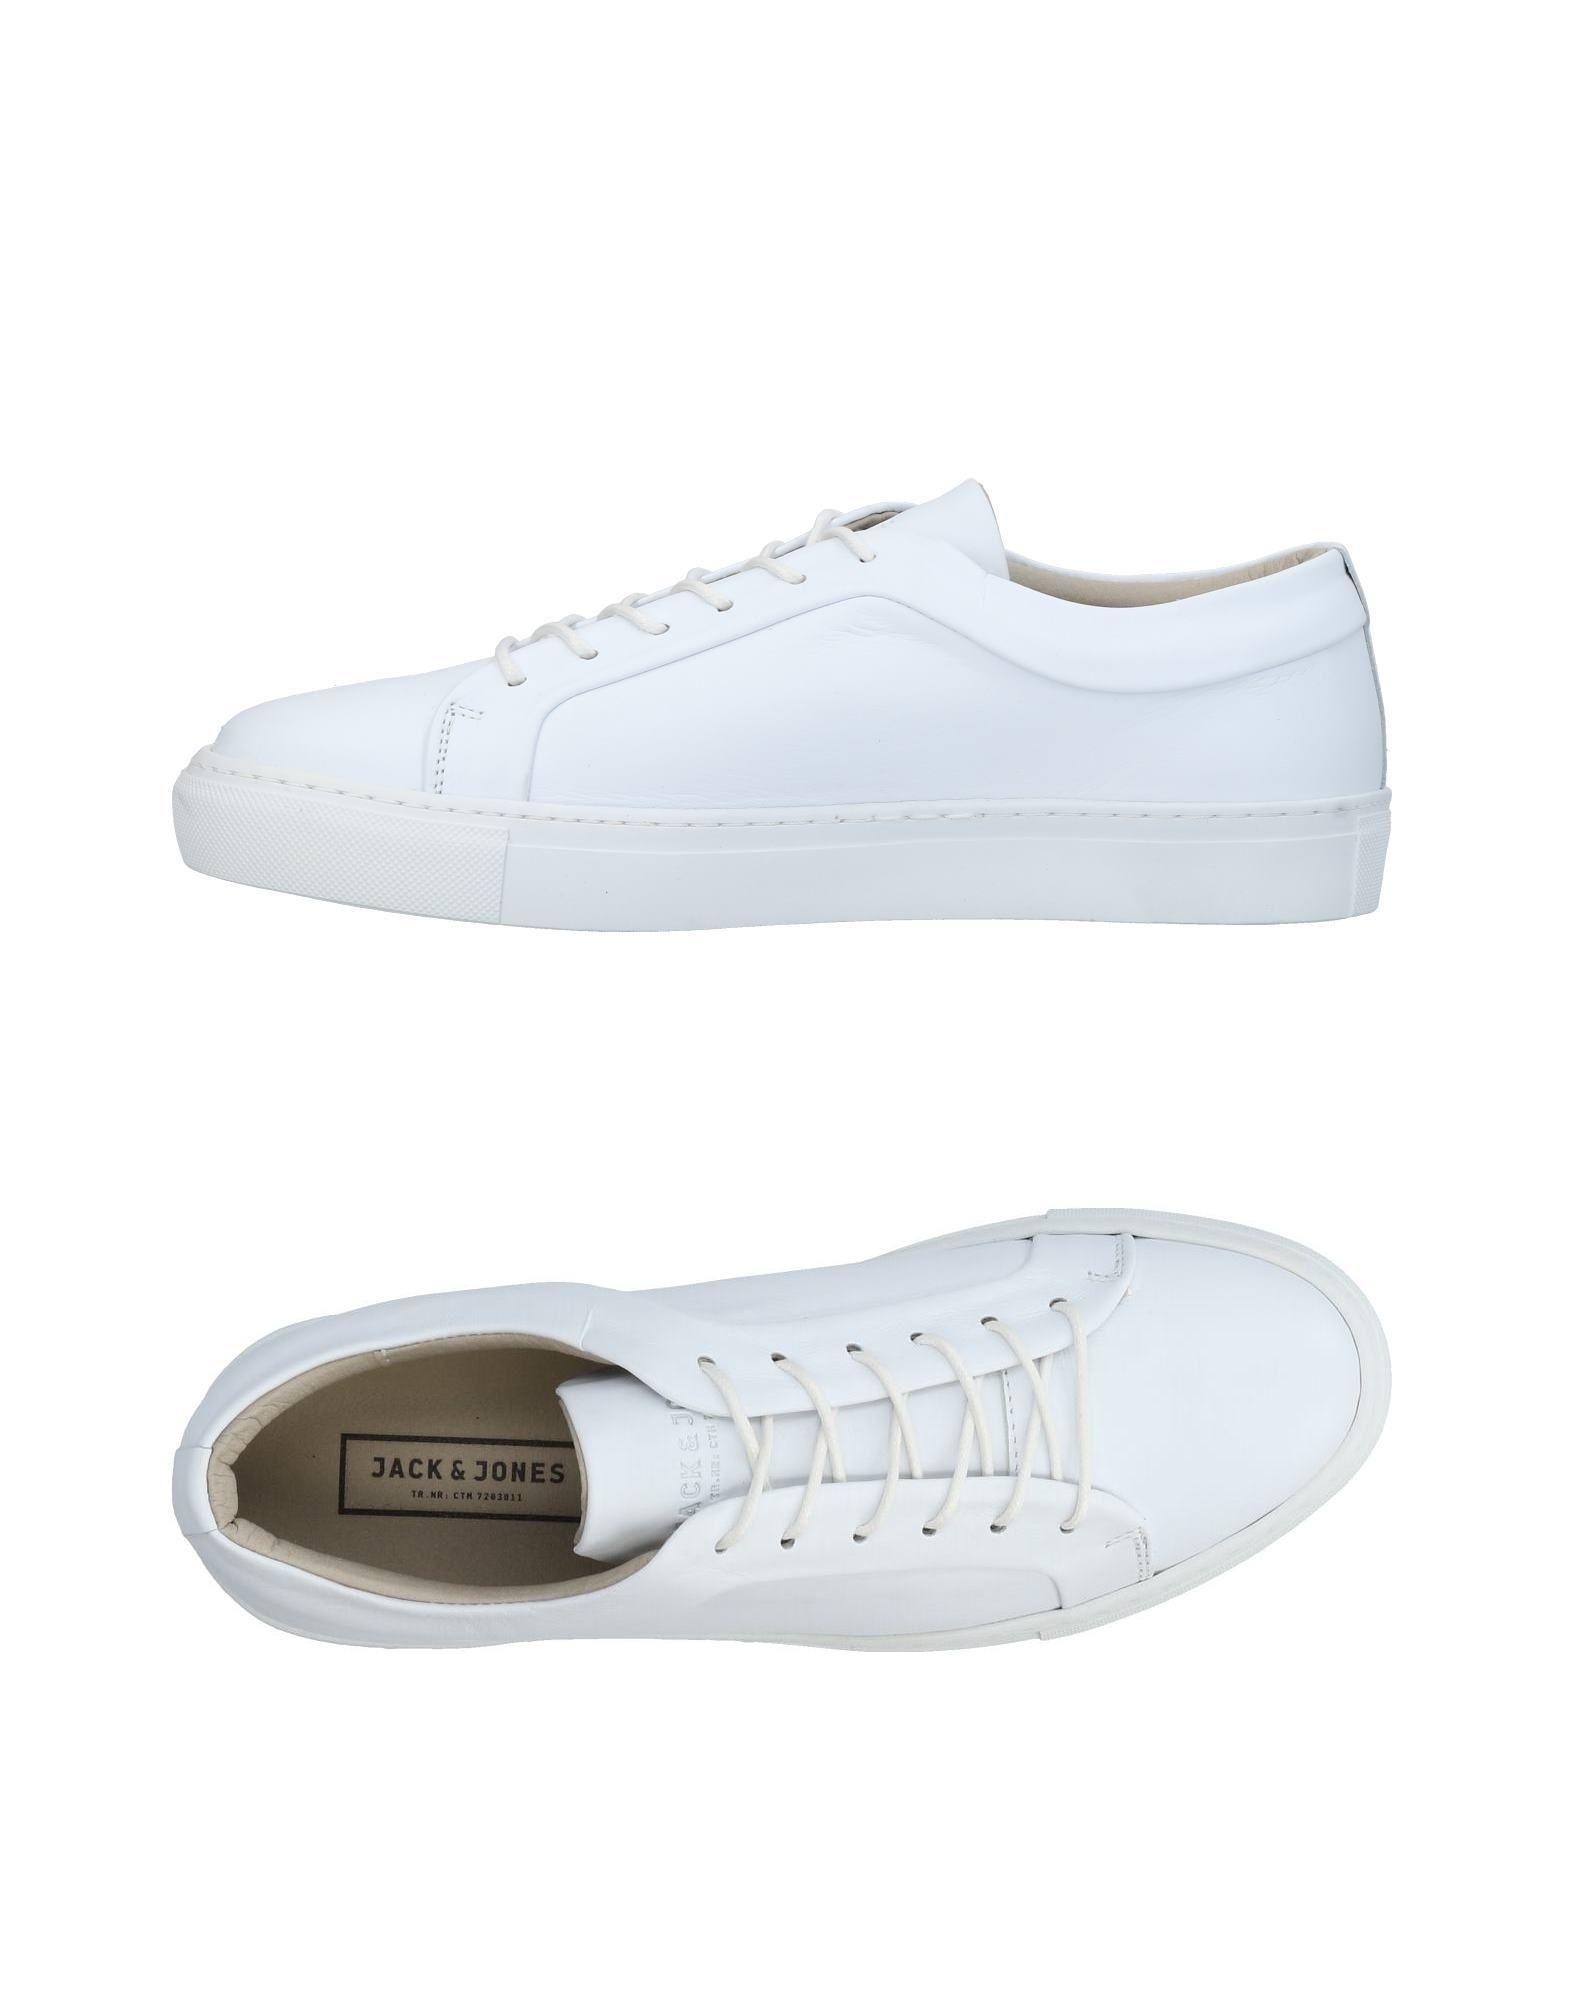 Jack Jack Jack & Jones Sneakers Herren  11441501TH Neue Schuhe 8e9b9d